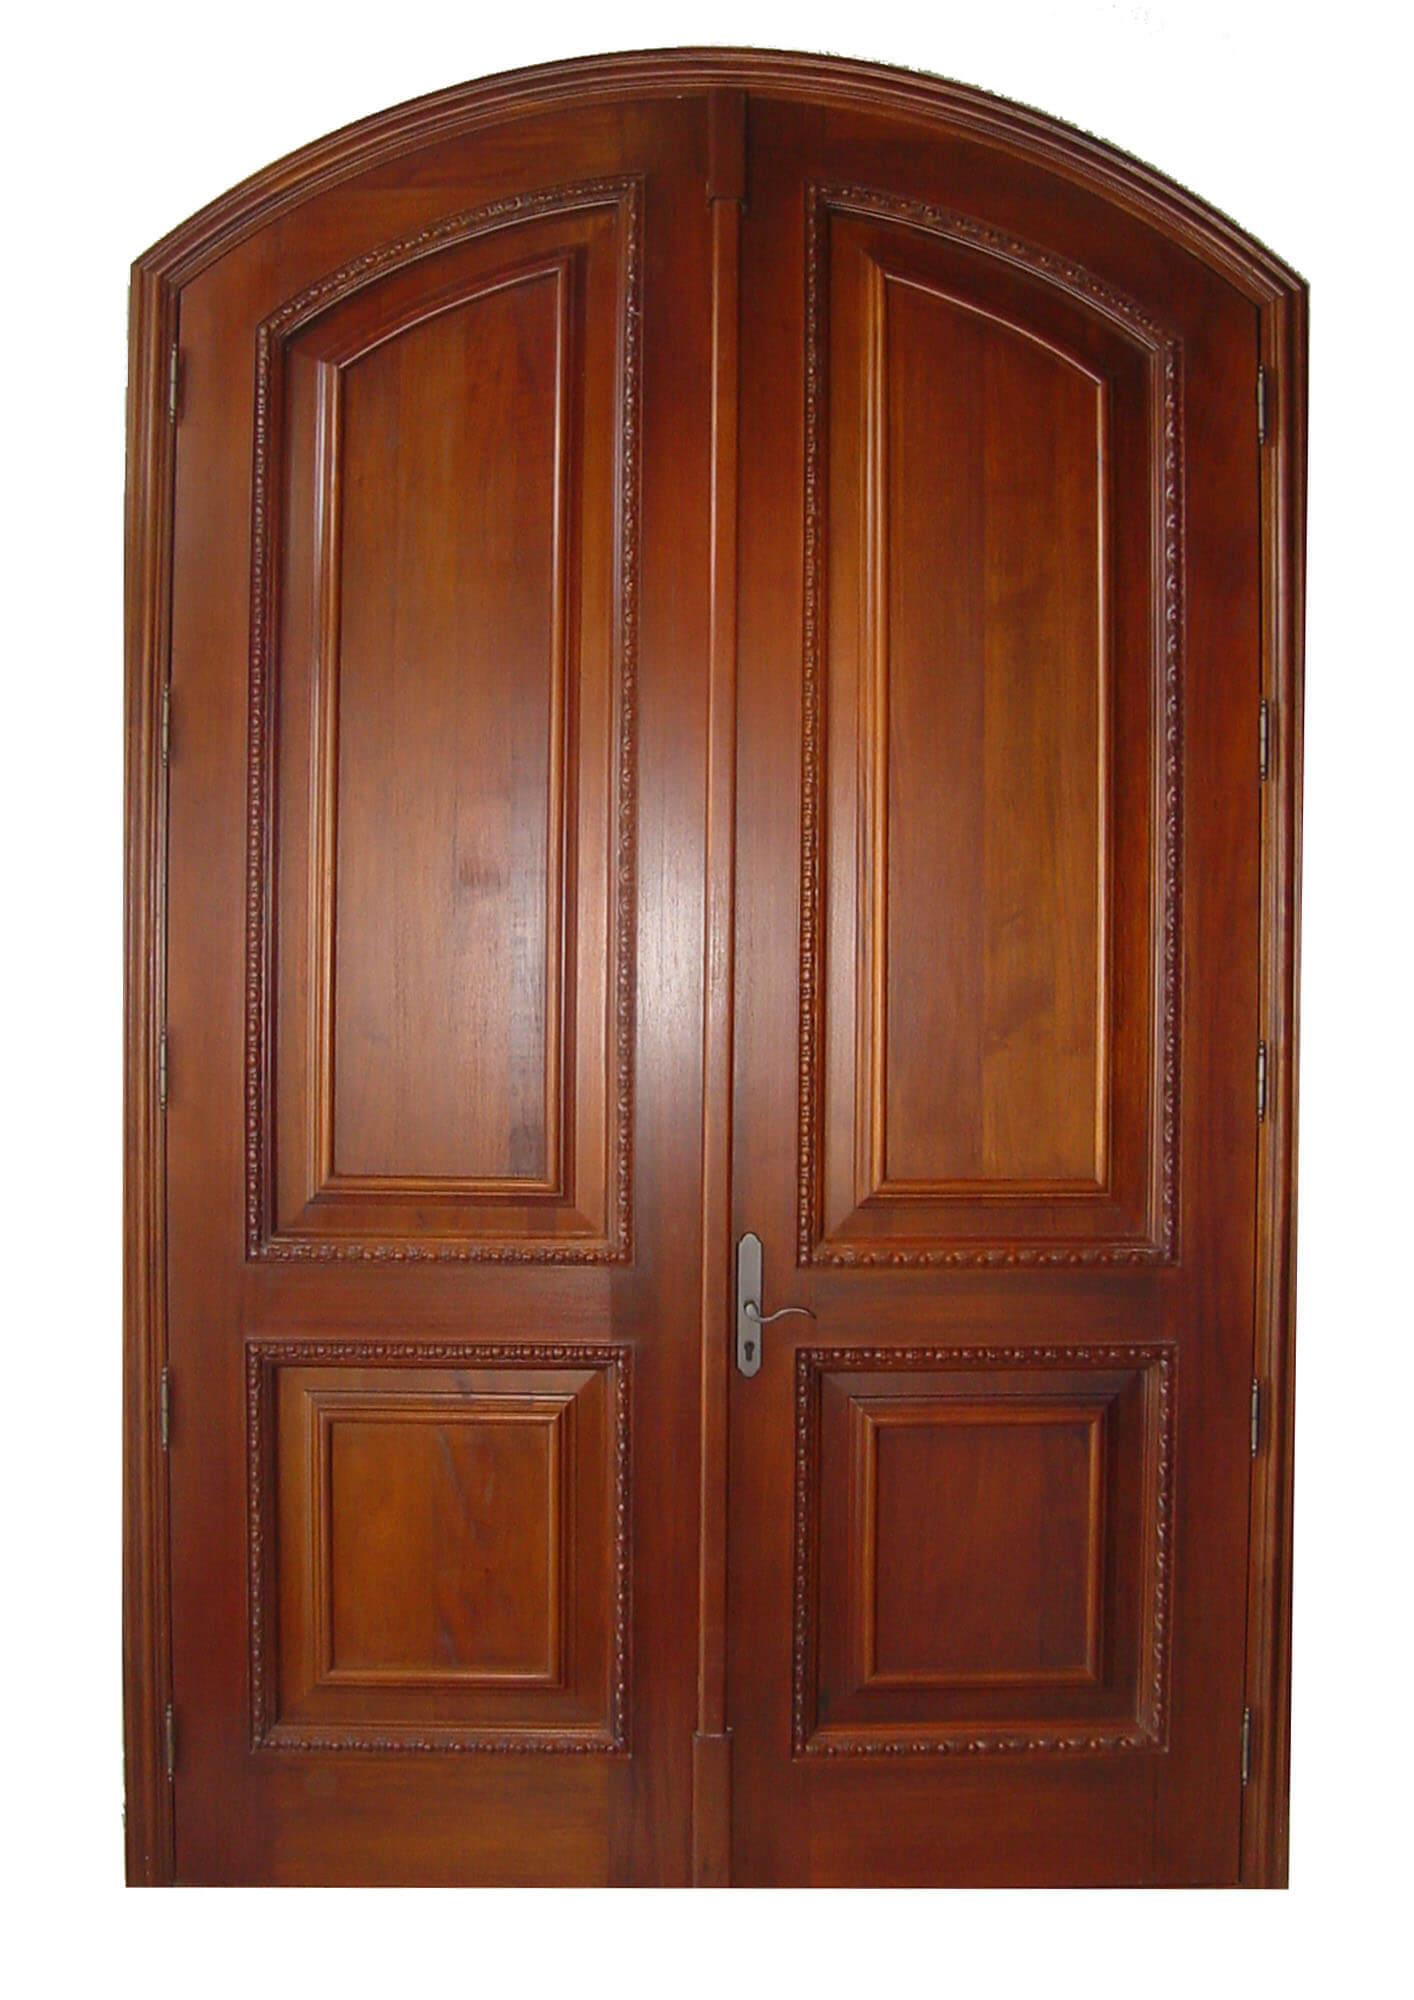 Conch Key Mahogany Exterior Doors